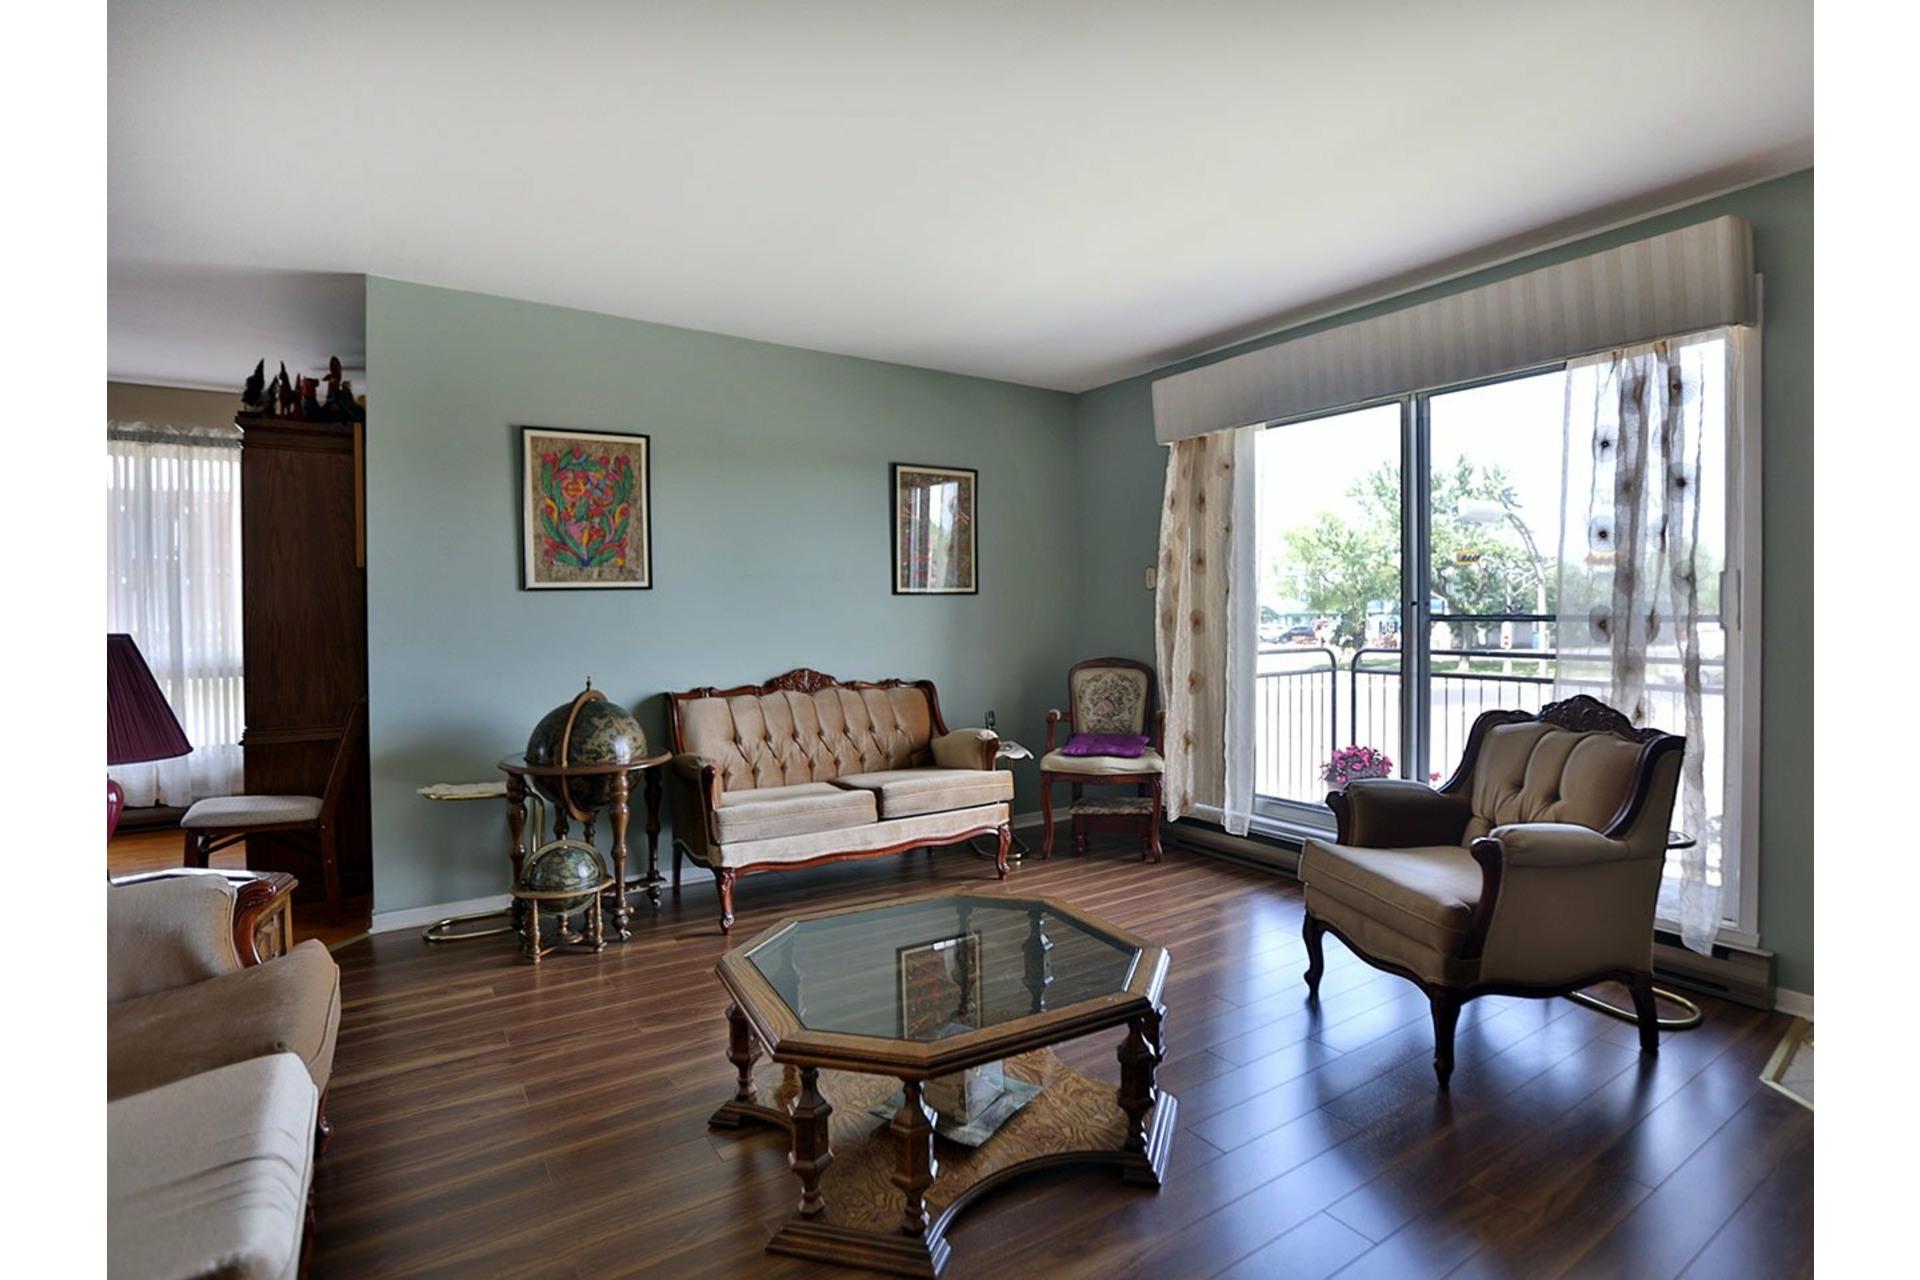 image 4 - Appartement À louer Brossard - 6 pièces